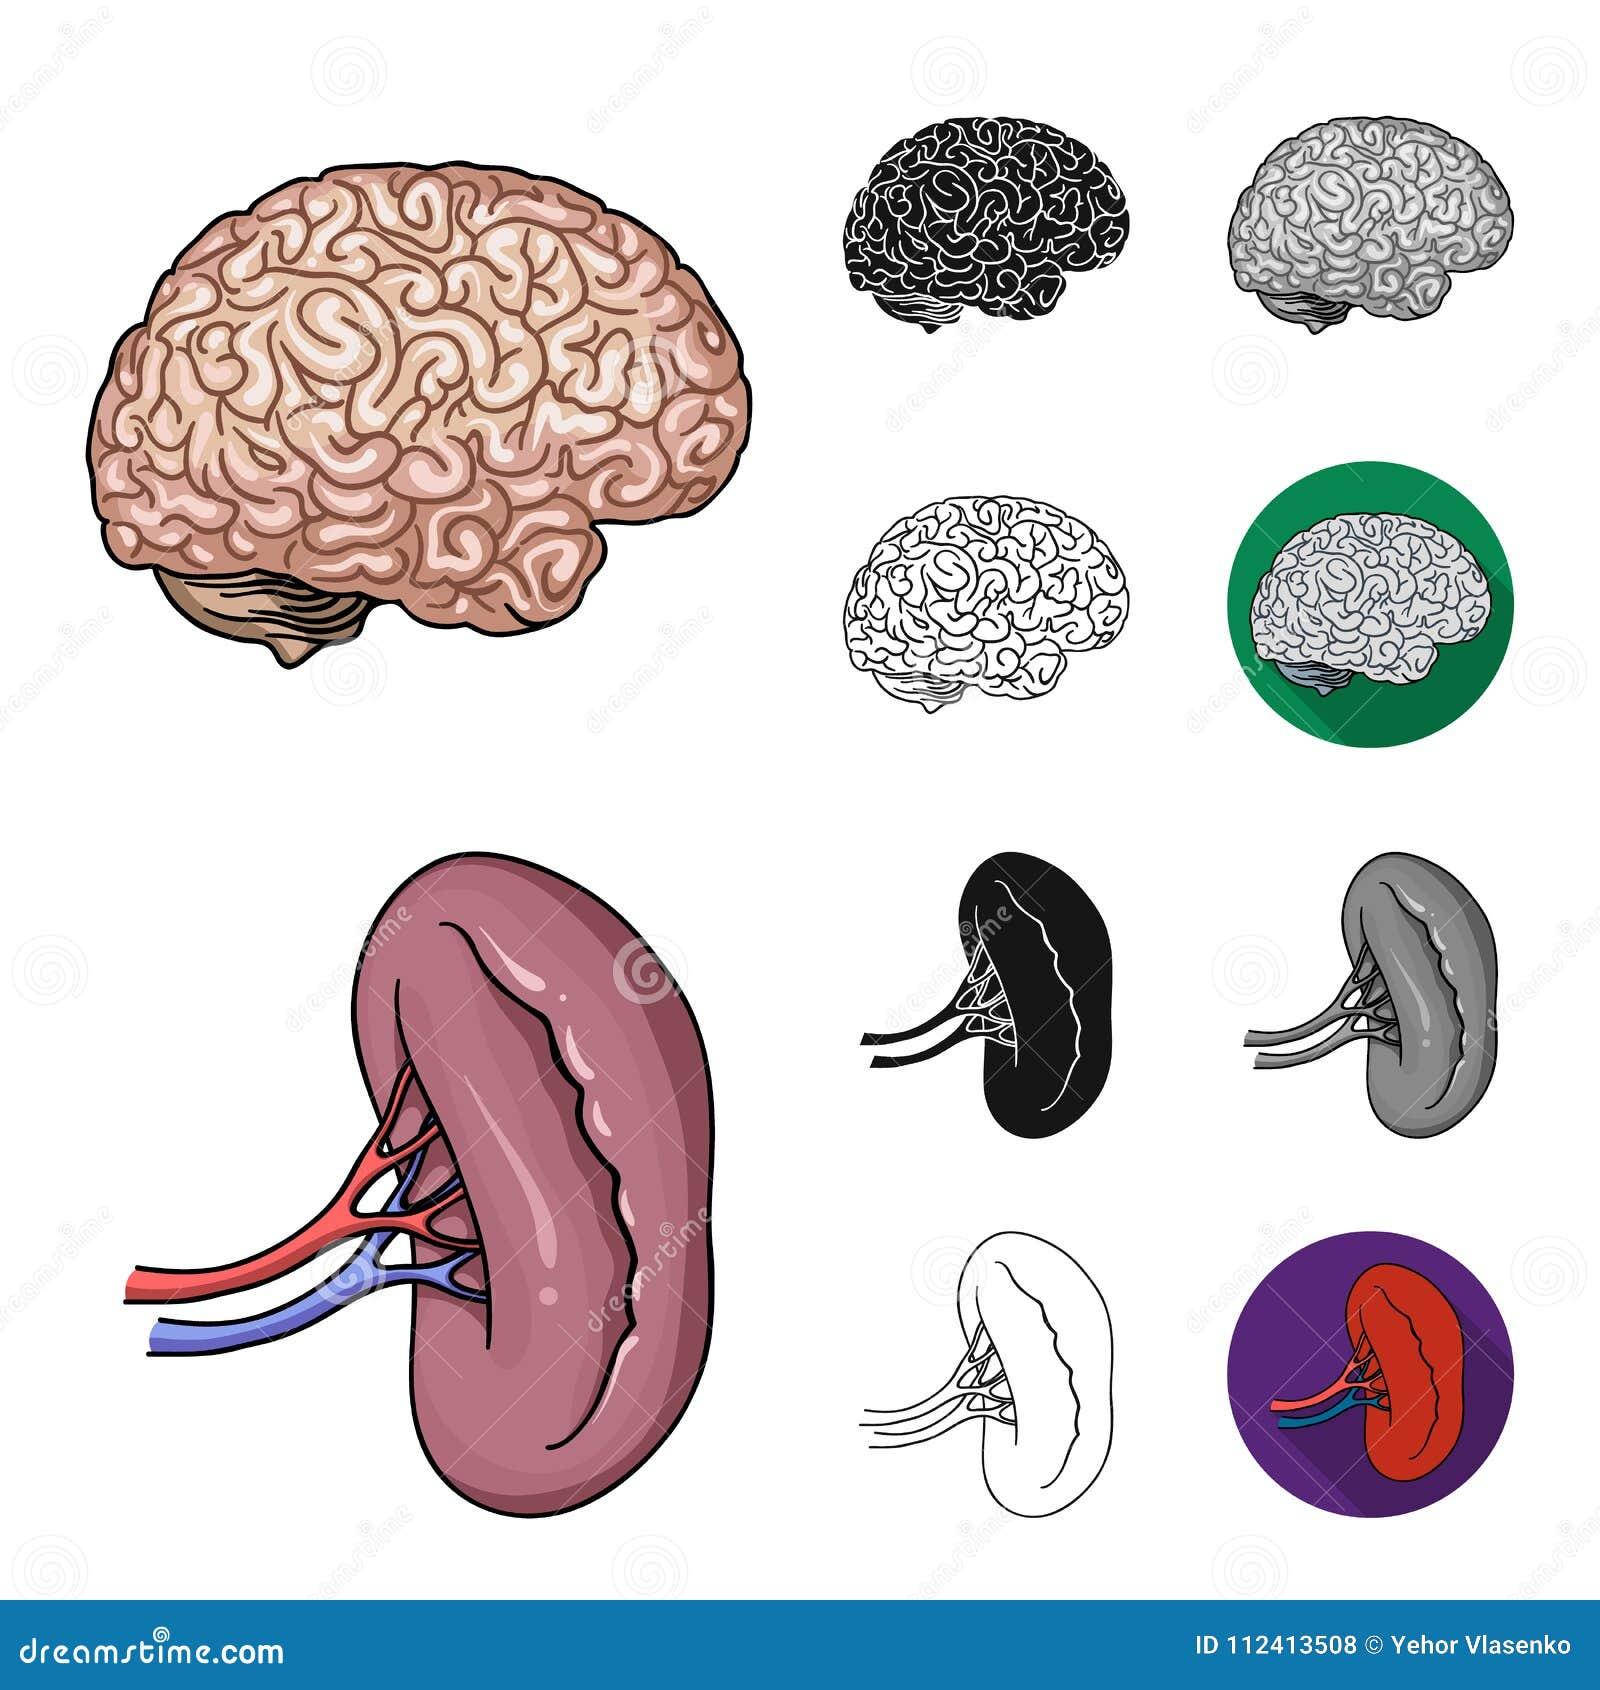 Fantastisch Anatomie Der Menschlichen Organe Bilder - Anatomie Ideen ...